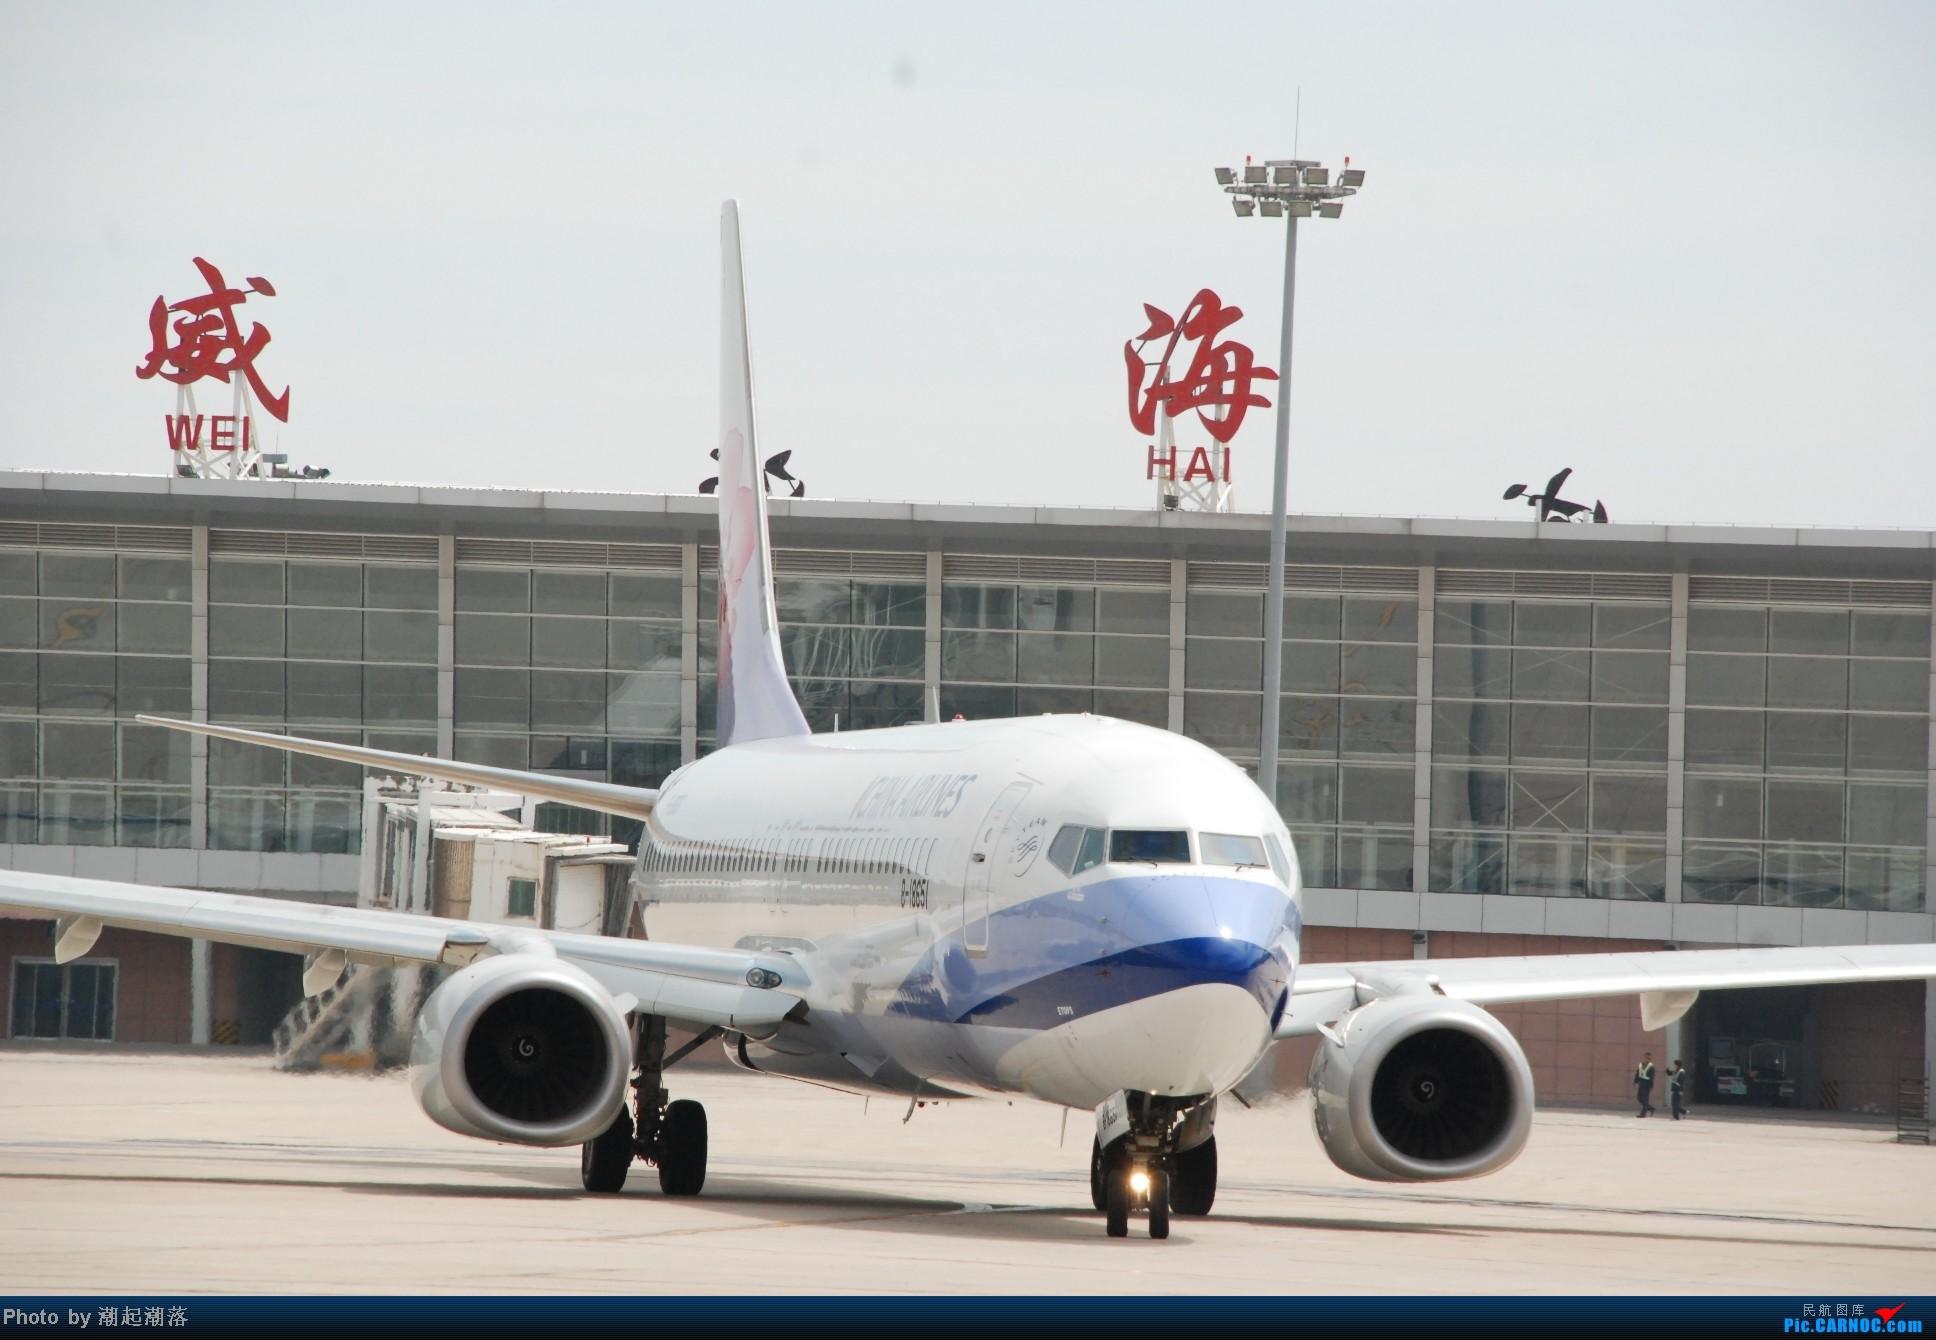 运行了18年3个月的威海机场再有几个小时就停航了,发一组昨天在飞行区内拍摄的照片纪念之